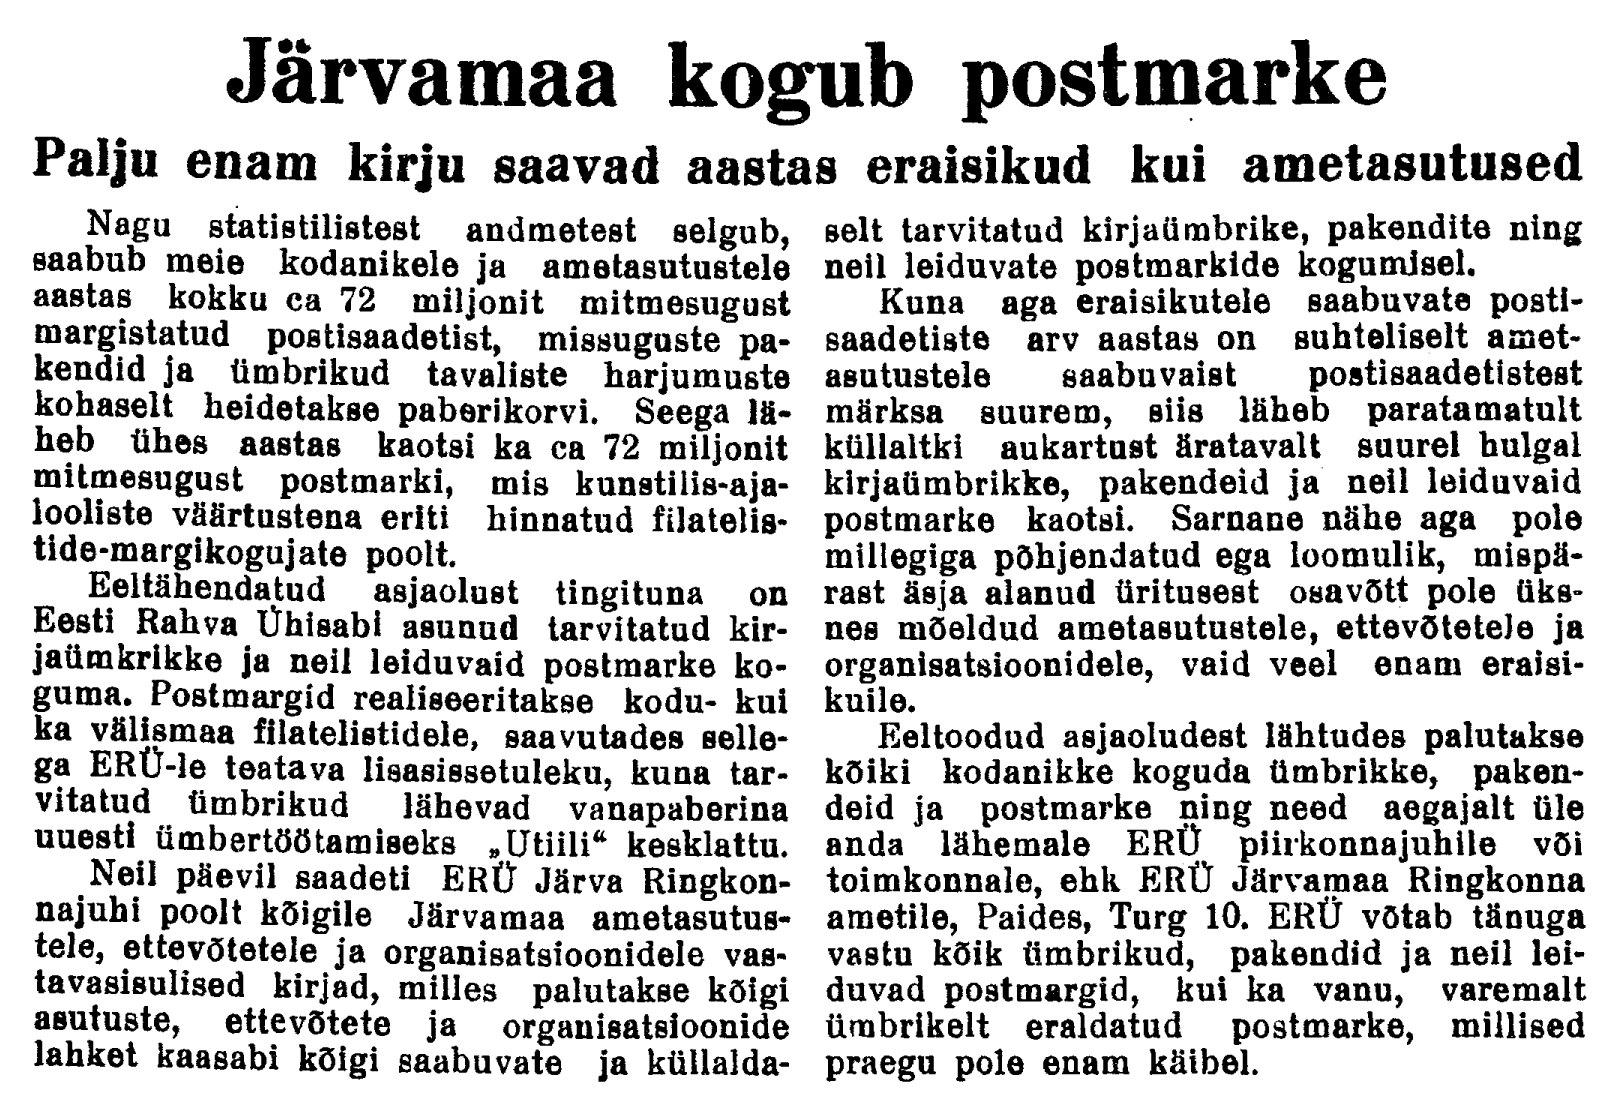 0986-Jarvamaa-kogub-postmarke-JT-14-11-1942